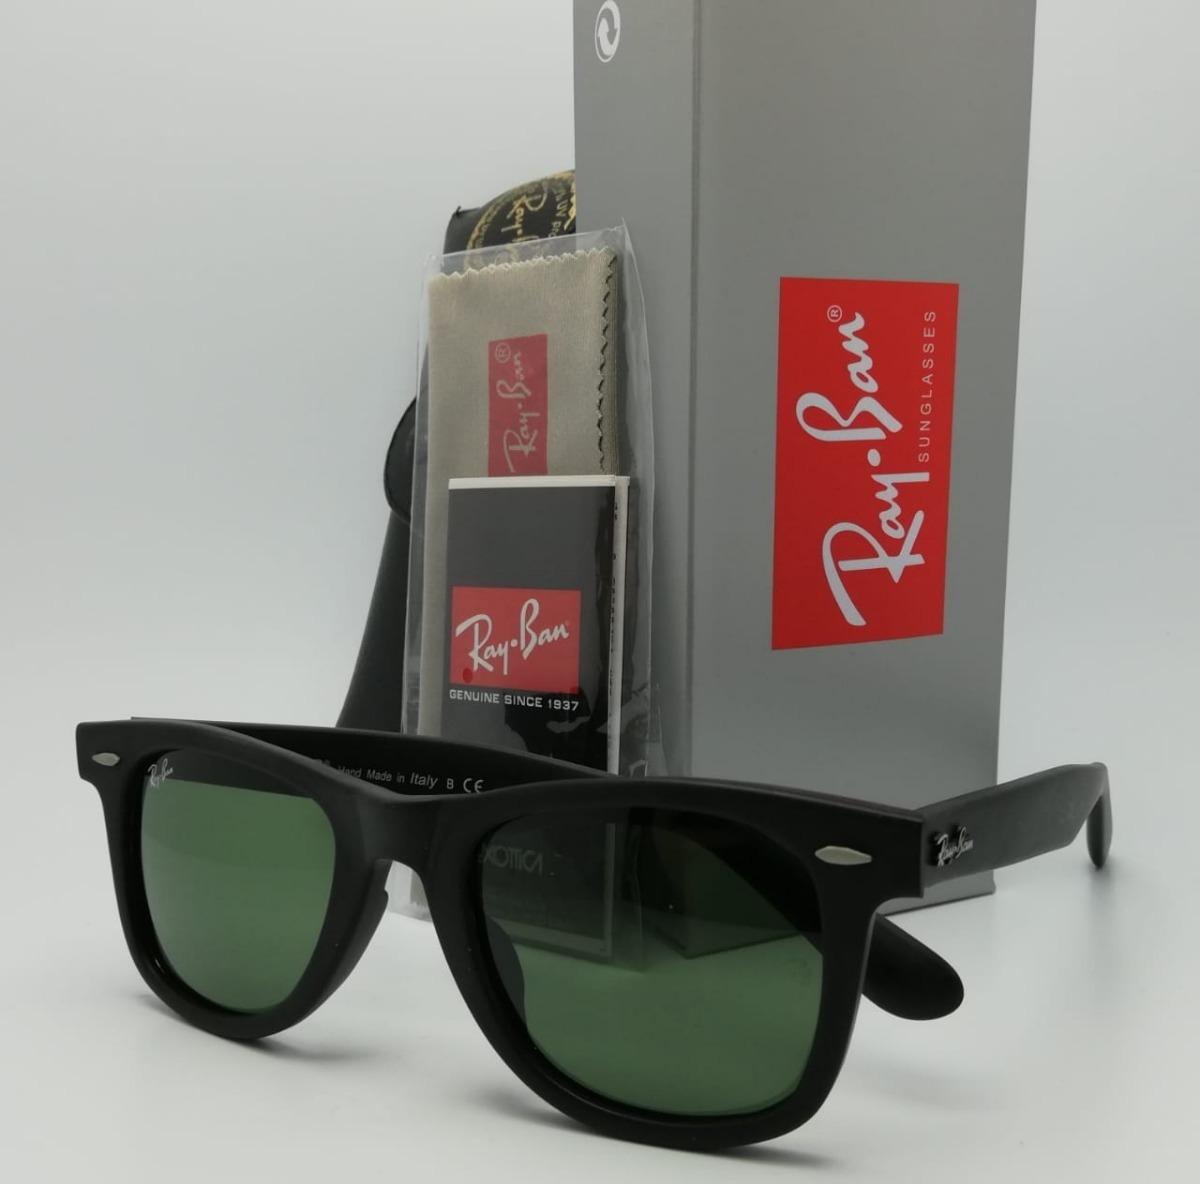 2eb930fc47 Rayban Gafas De Sol Rayban Wayfarer Clásica 2140 - $ 119.999 en ...